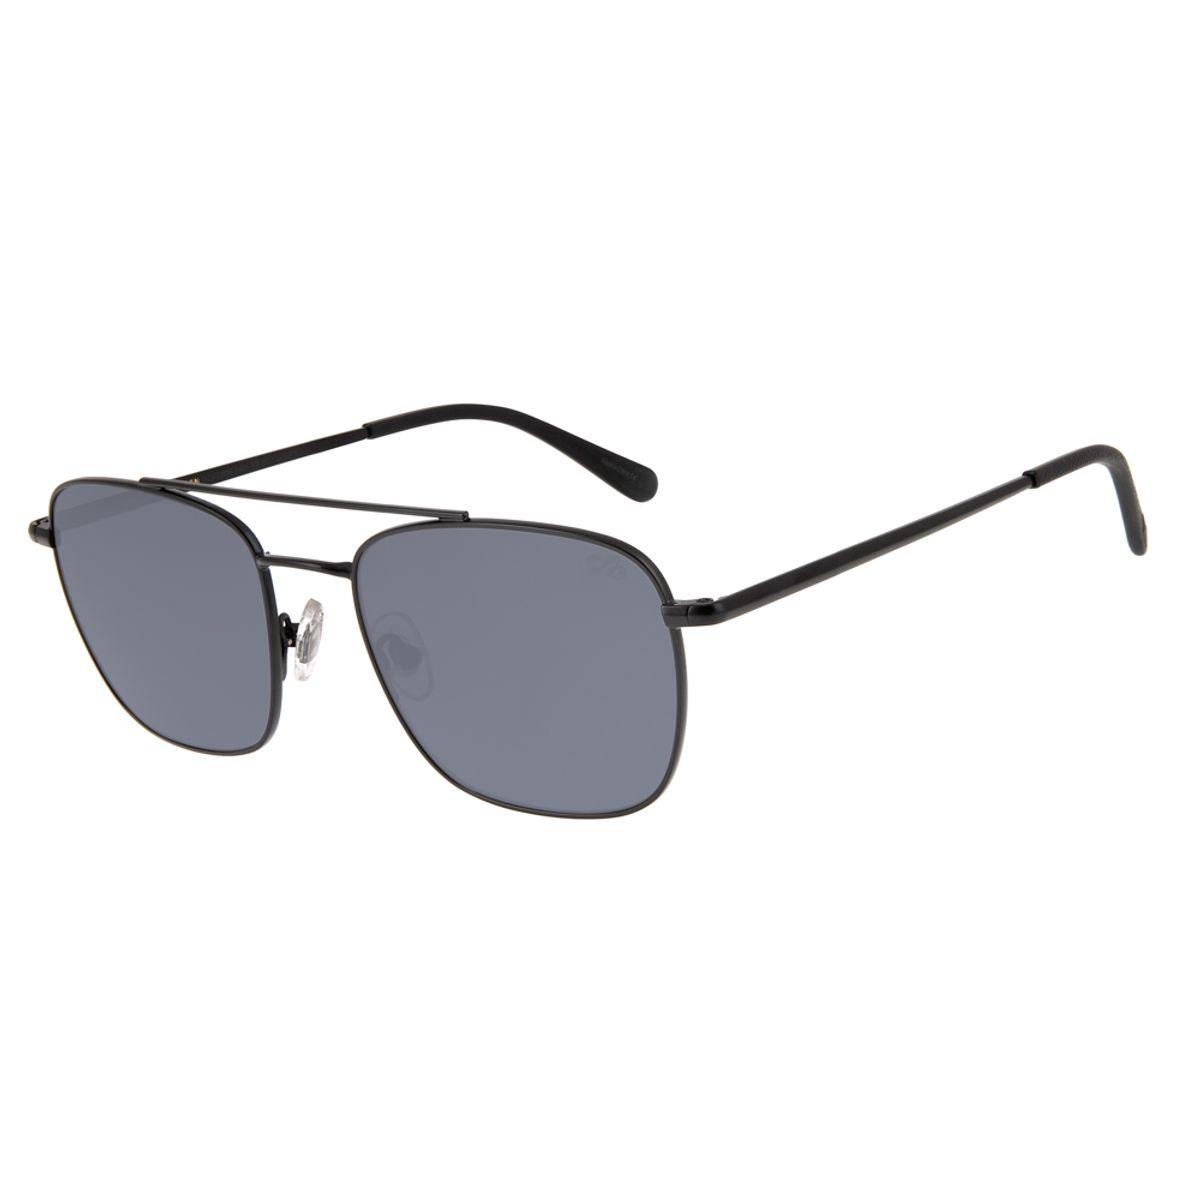 194cfc6ab Óculos de Sol Executivo Masculino Chilli Beans Blk Metal Preto 2639 ...